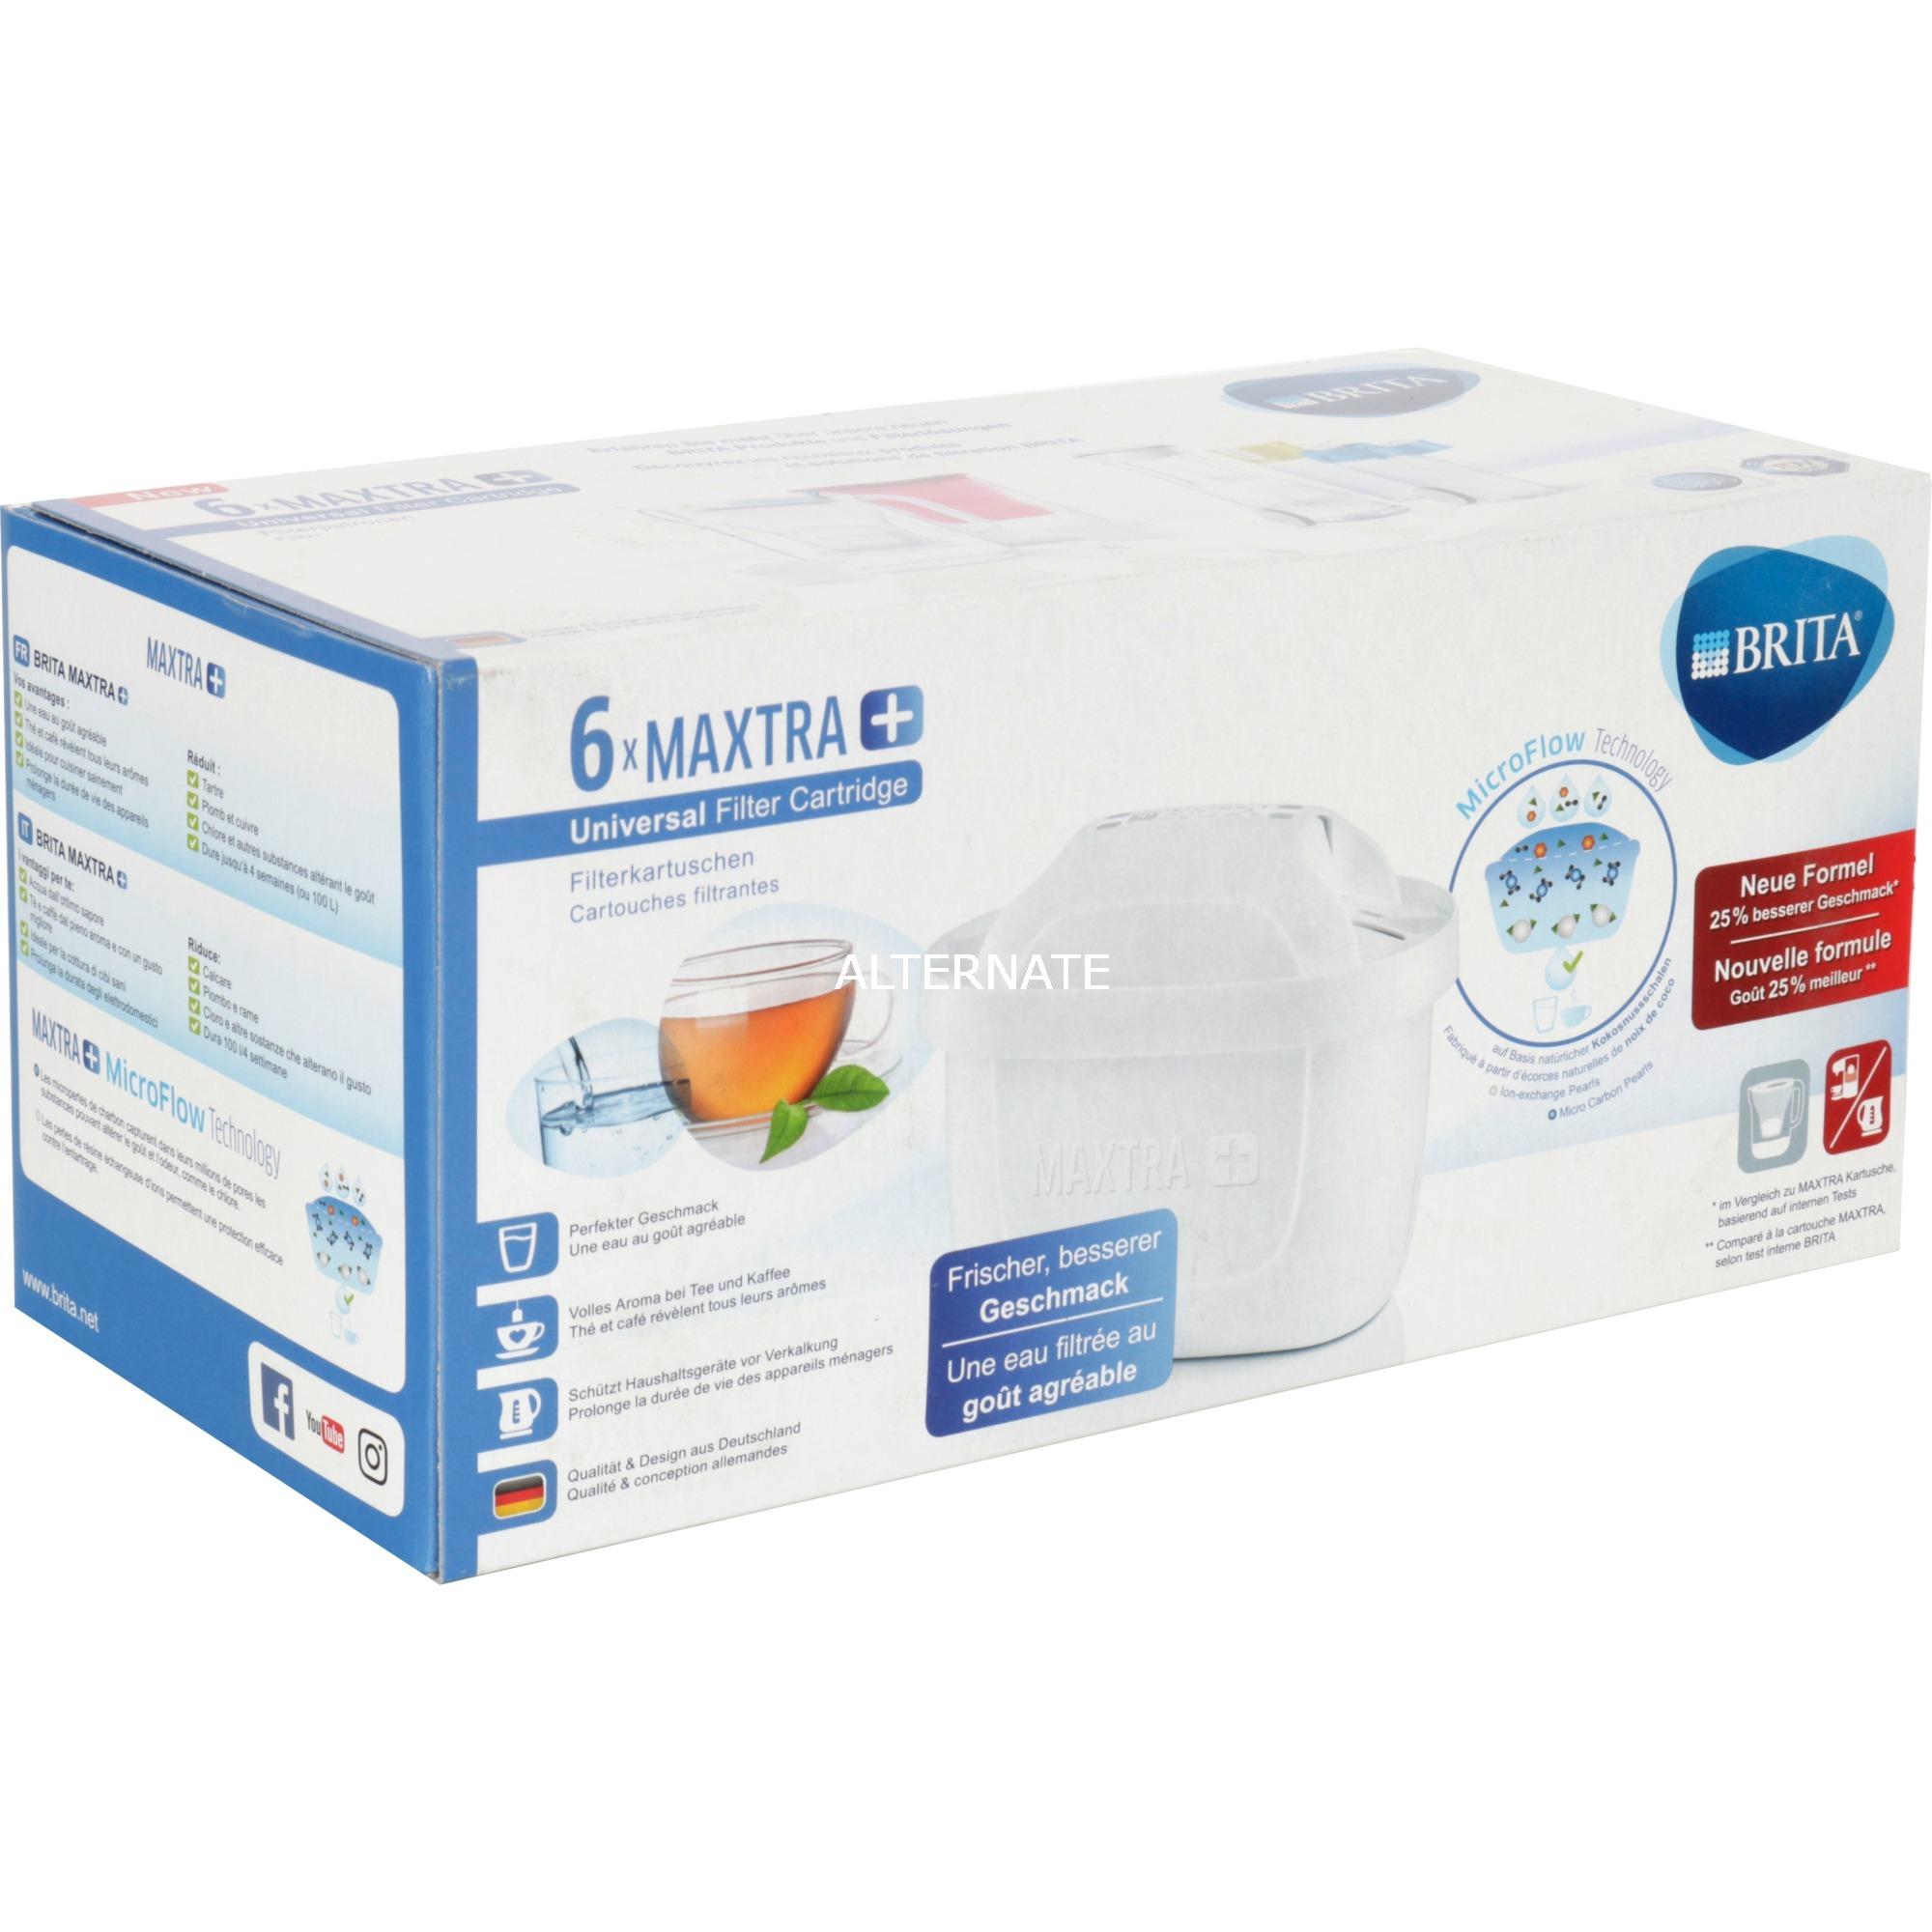 Filtros MAXTRA+ Pack 6, Filtro de agua